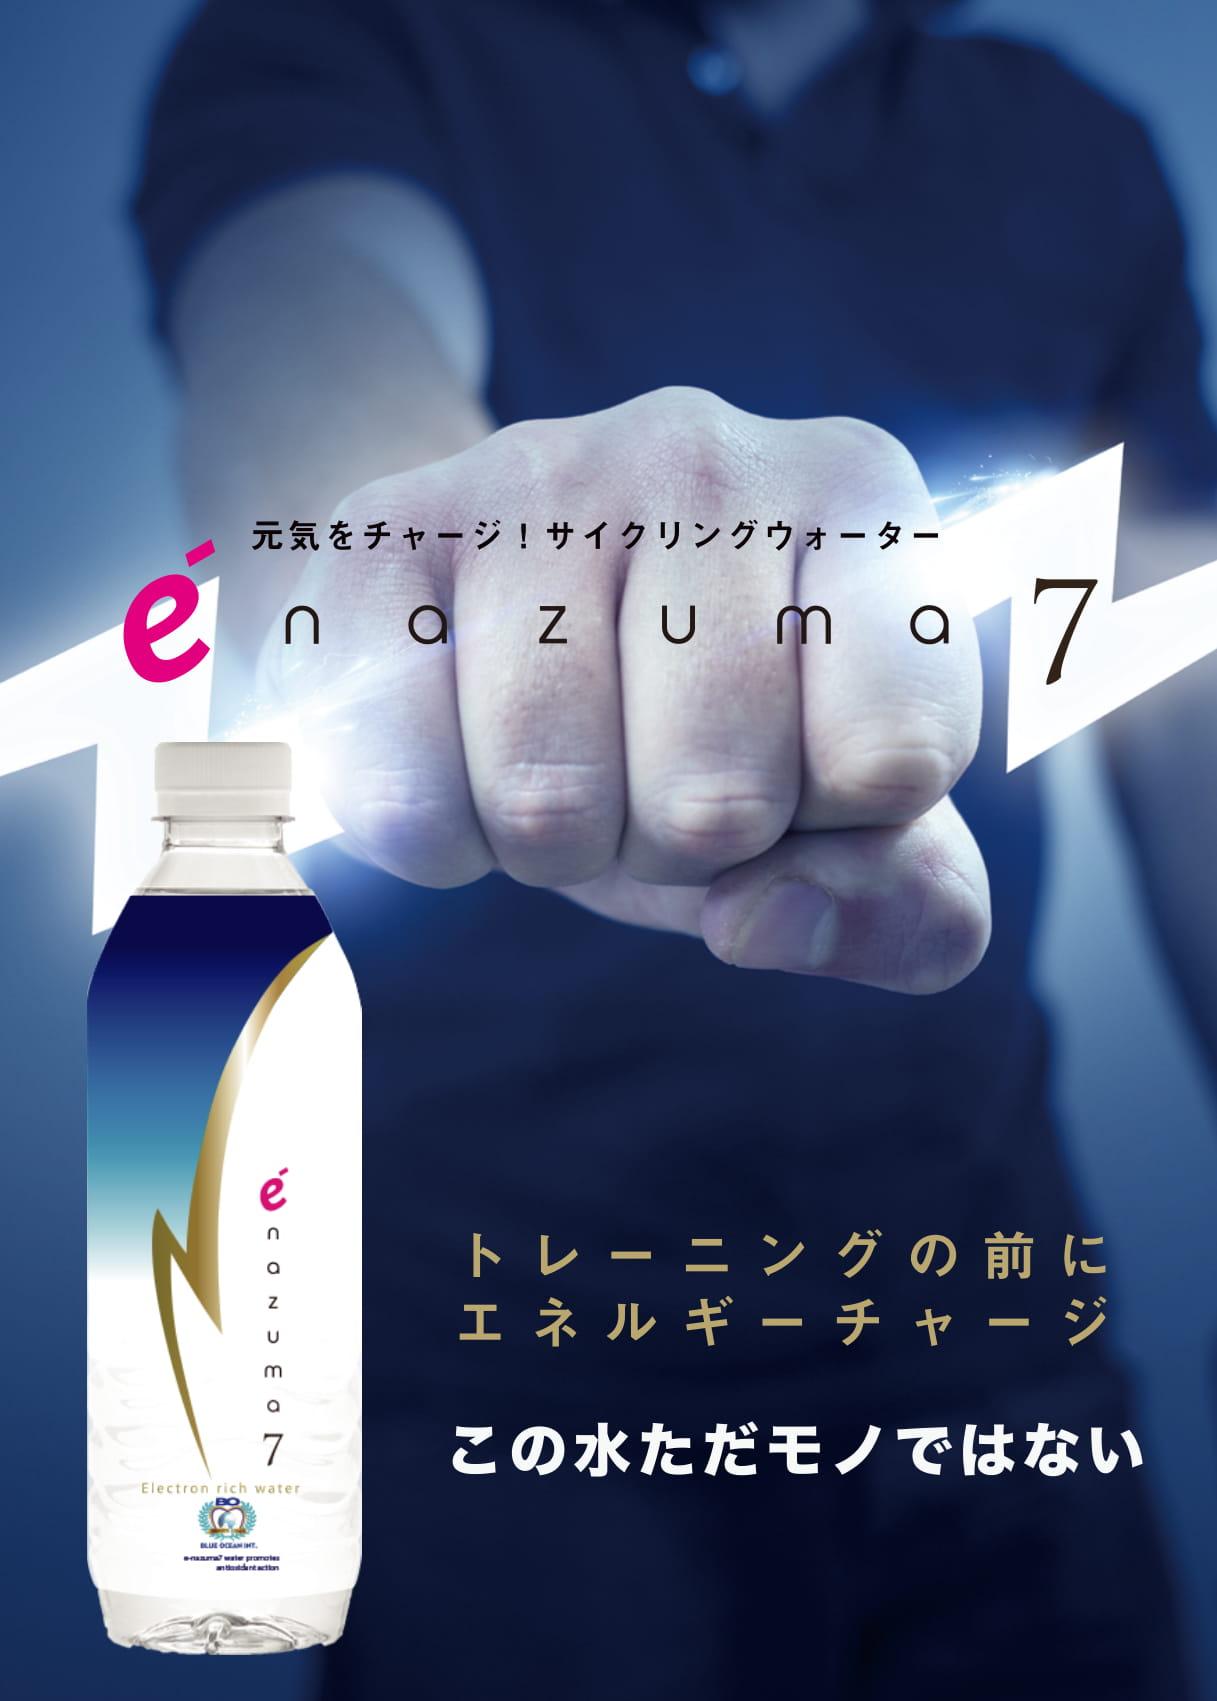 enazuma7guide-forweb-1